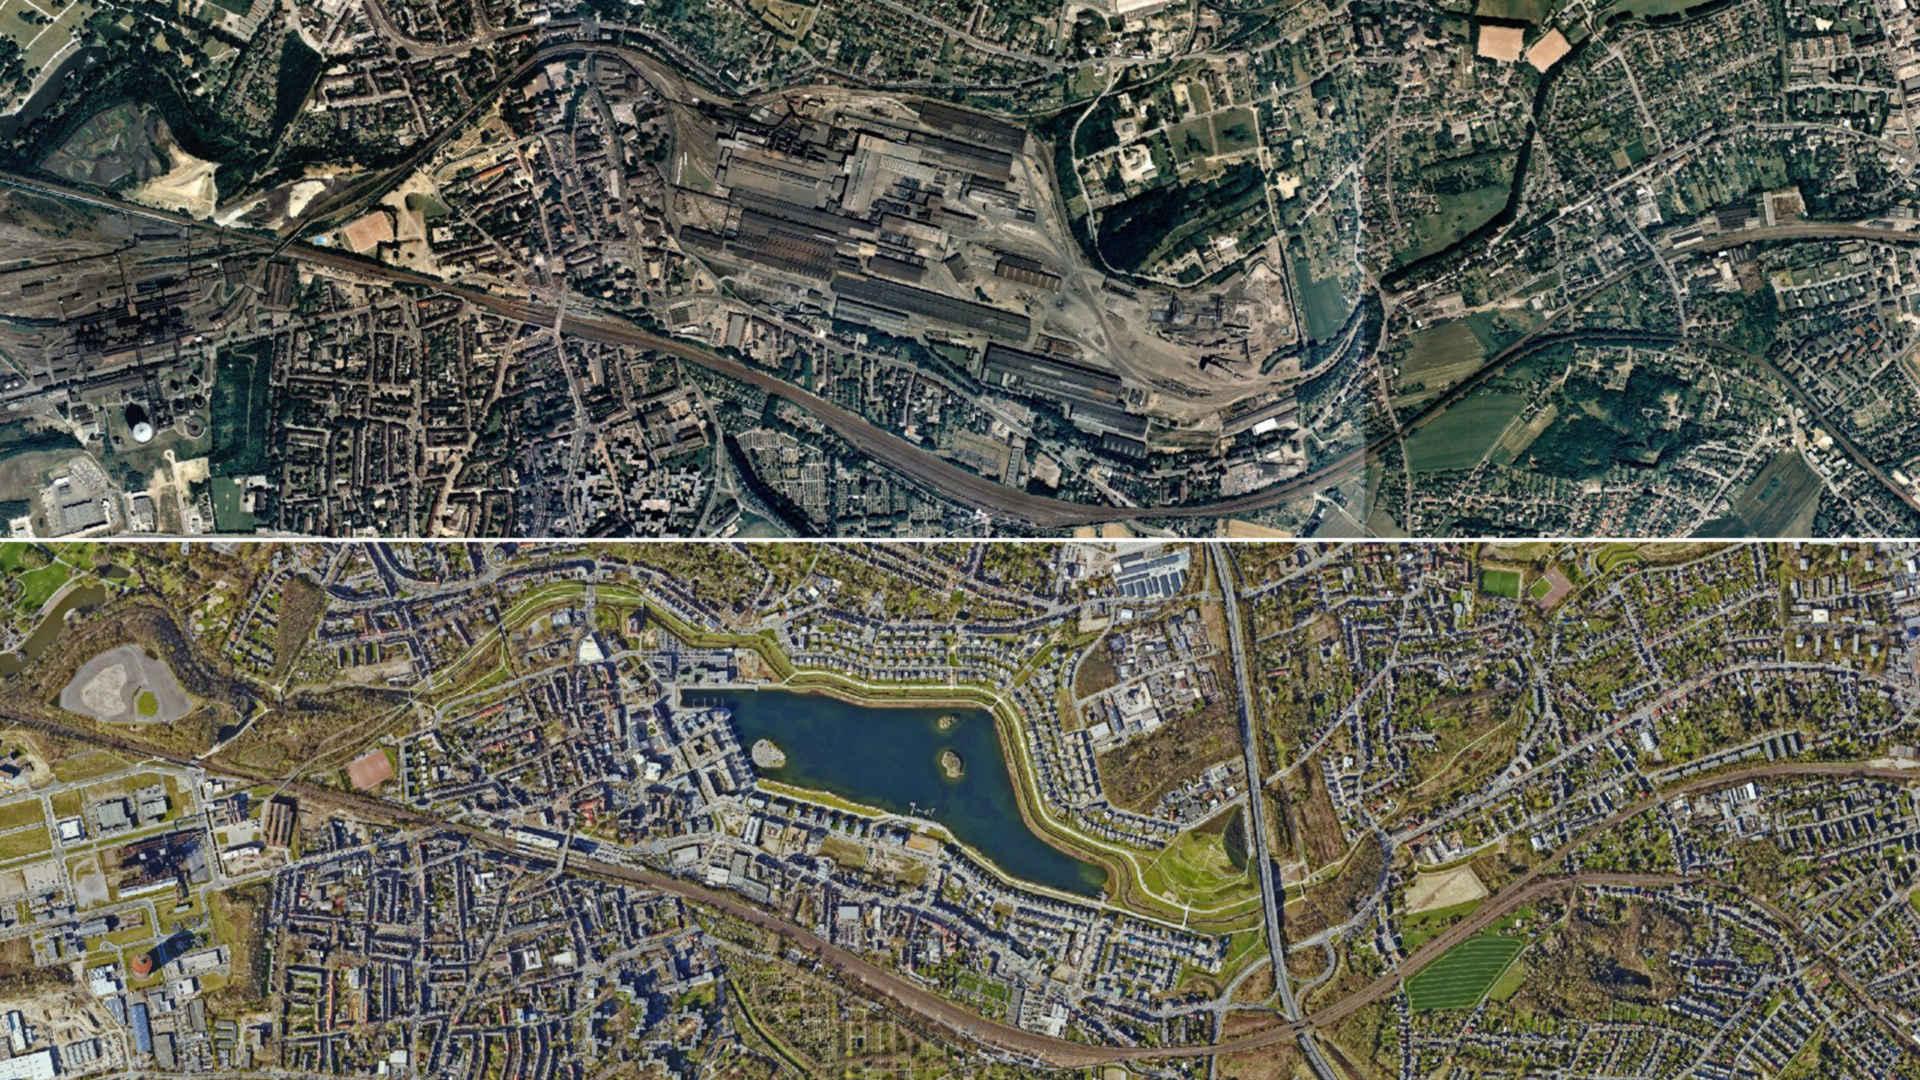 Kohleausstieg: Strukturwandel in Dortmund, Luftbild Phönixsee